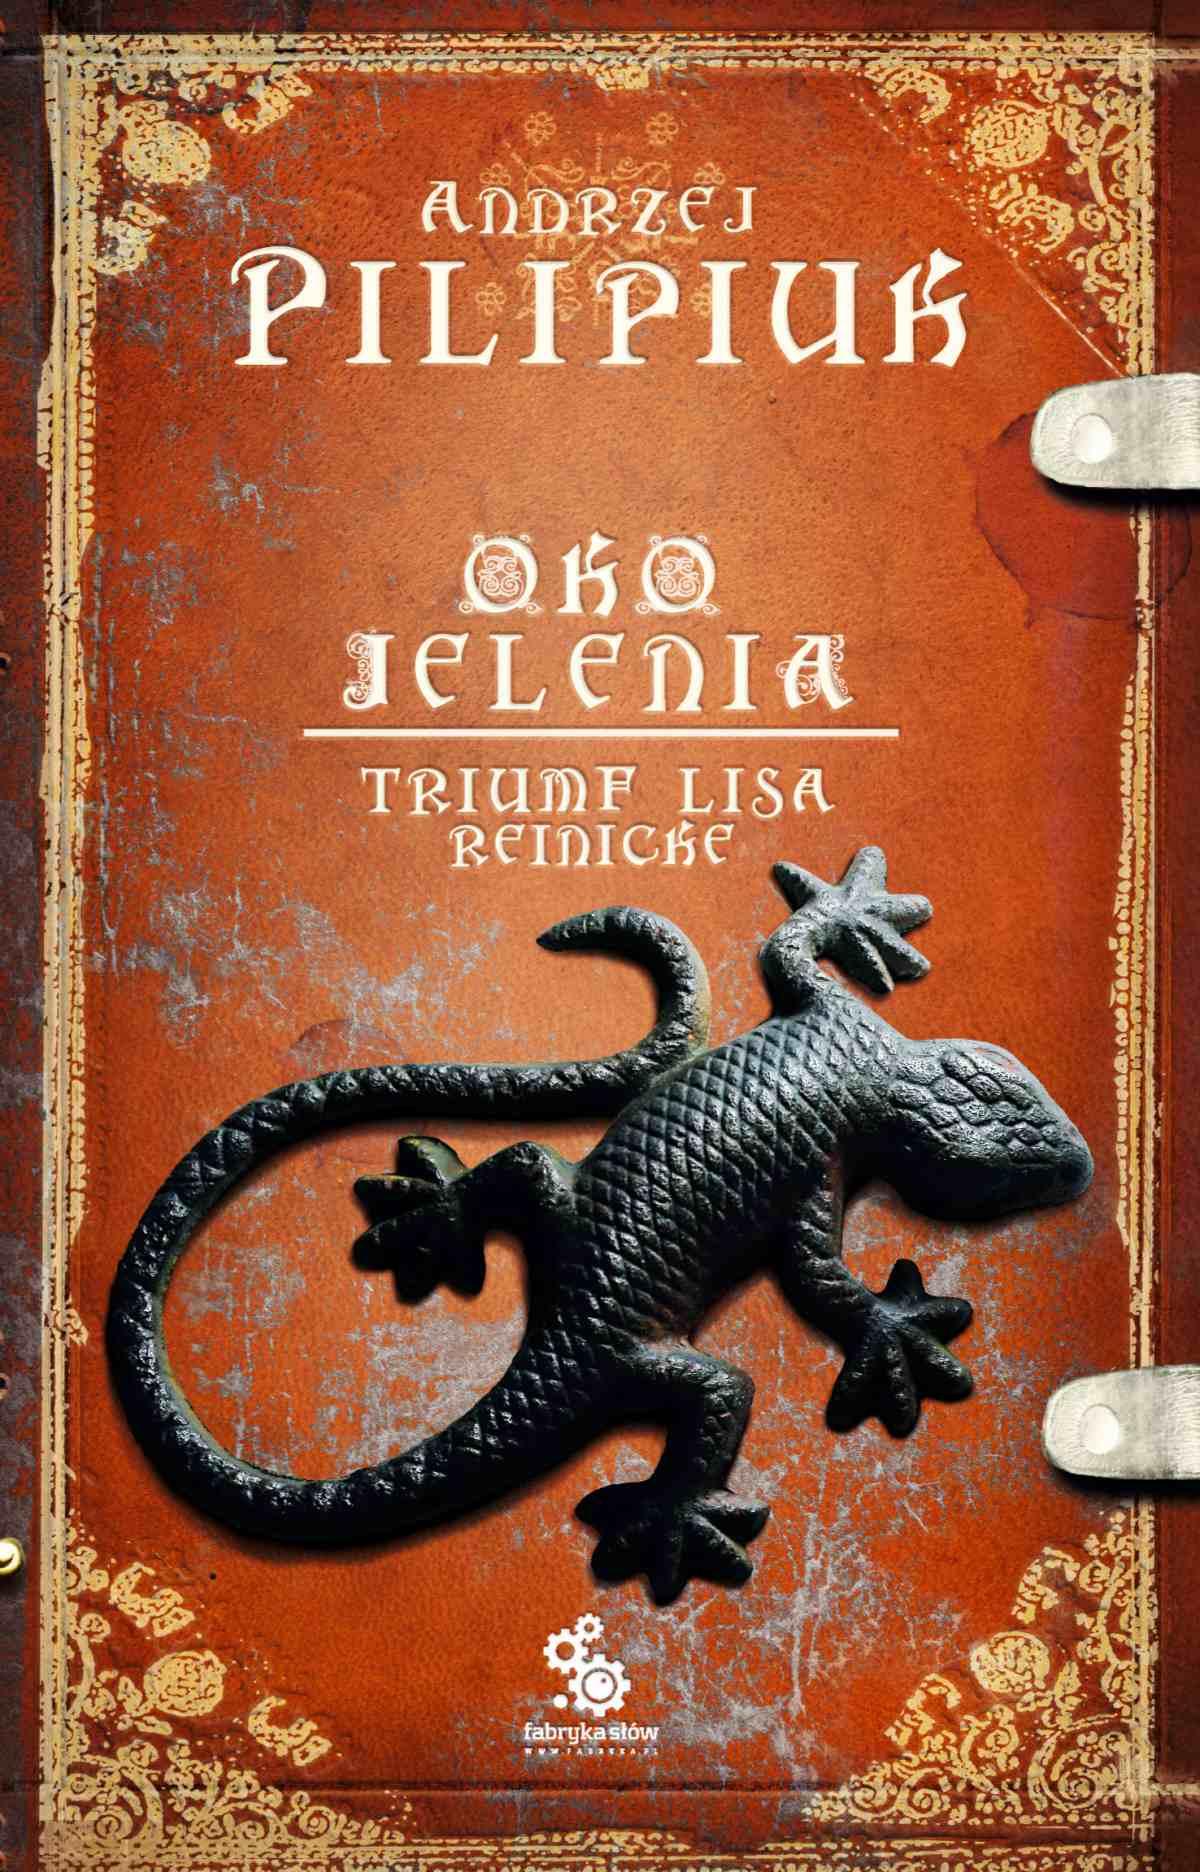 Oko Jelenia. Tryumf Lisa Reinicke - Ebook (Książka na Kindle) do pobrania w formacie MOBI